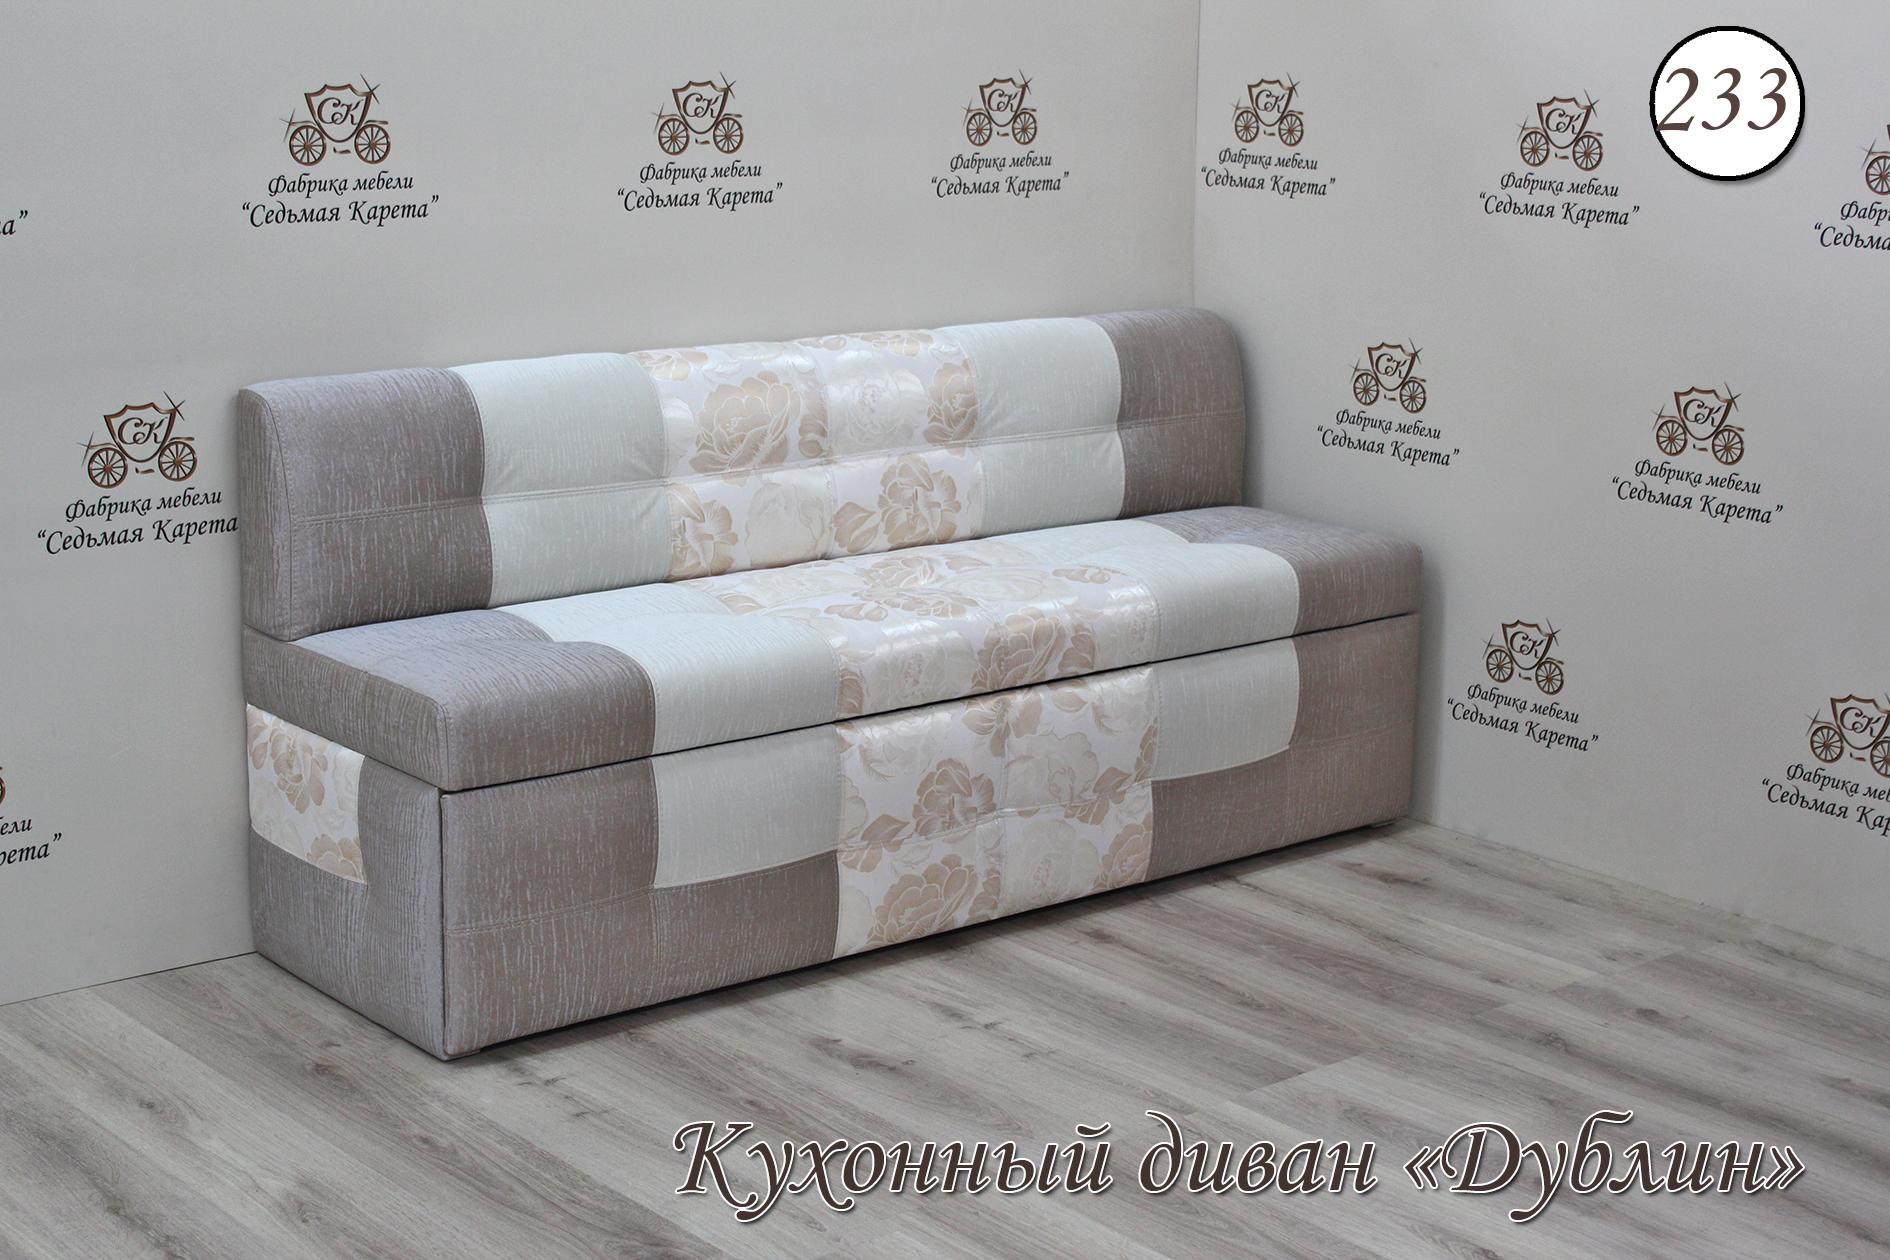 Кухонный диван Дублин-216